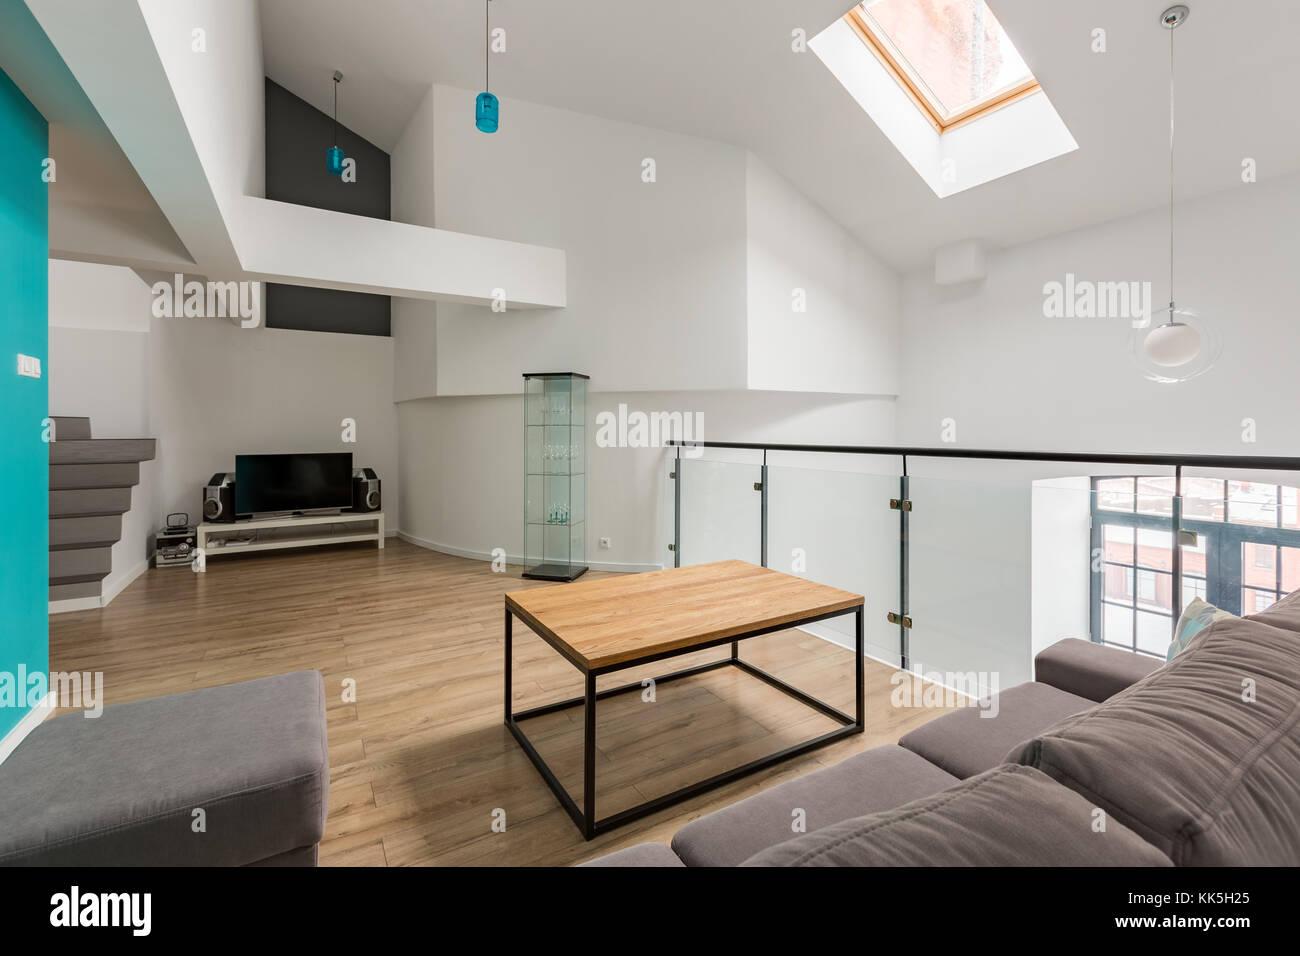 Neues design Wohnzimmer mit Sofa, Hocker, Tisch und TV Stockfoto ...